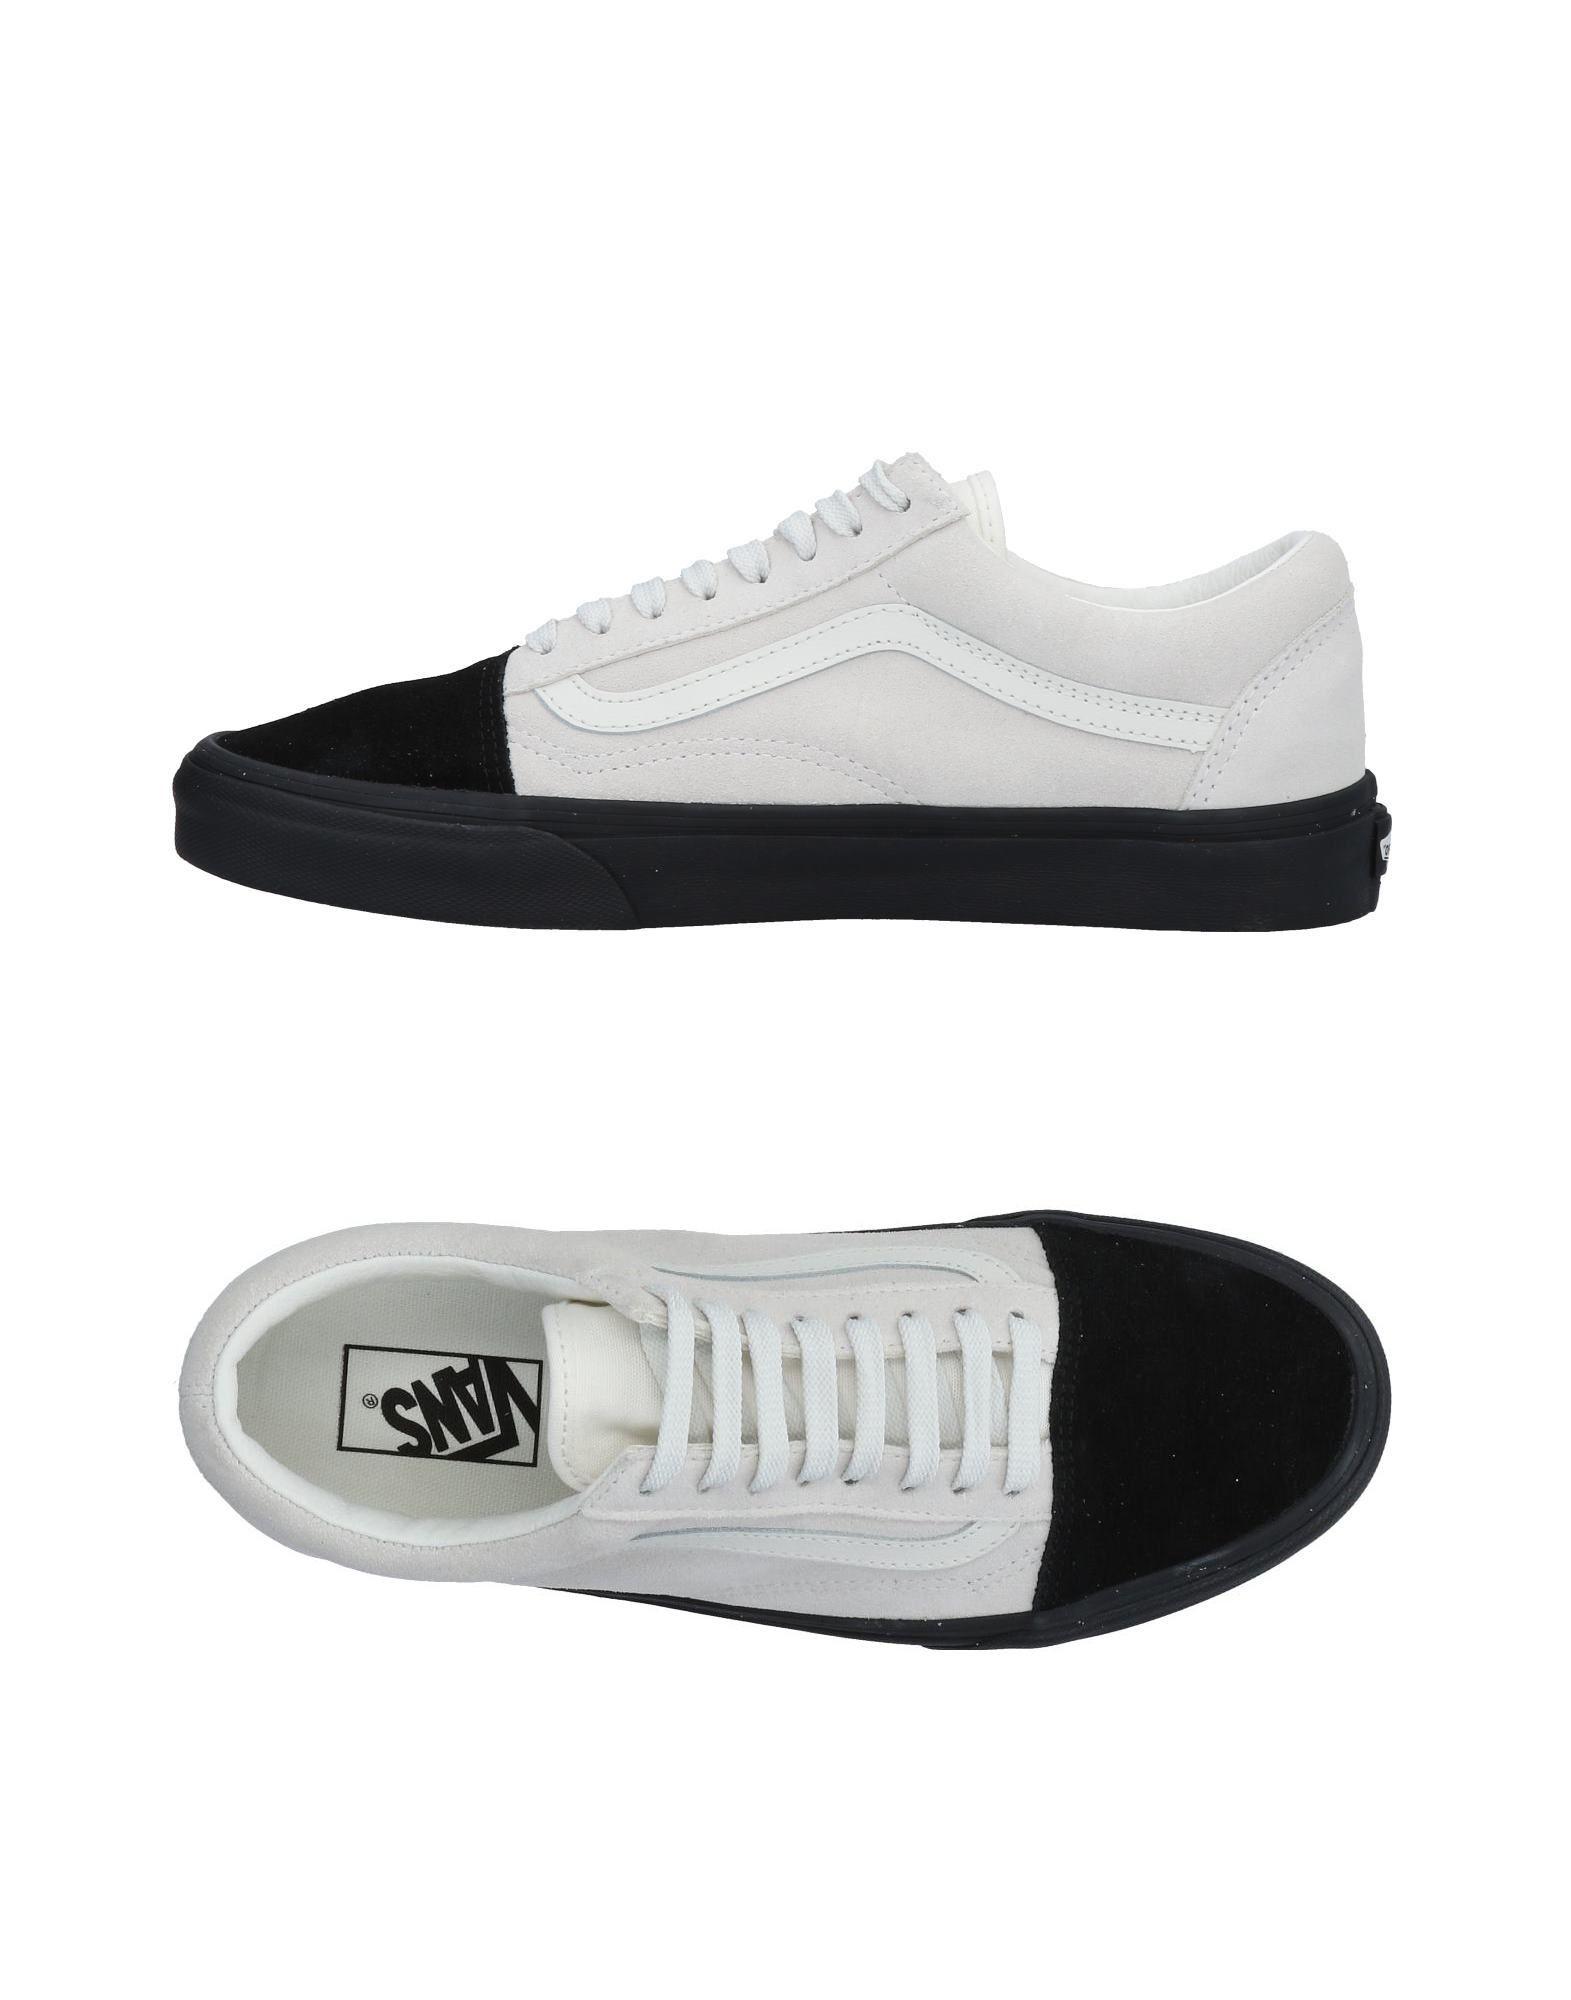 Rabatt Schuhe echte Schuhe Rabatt Vans Sneakers Herren  11476134KD ebe54d